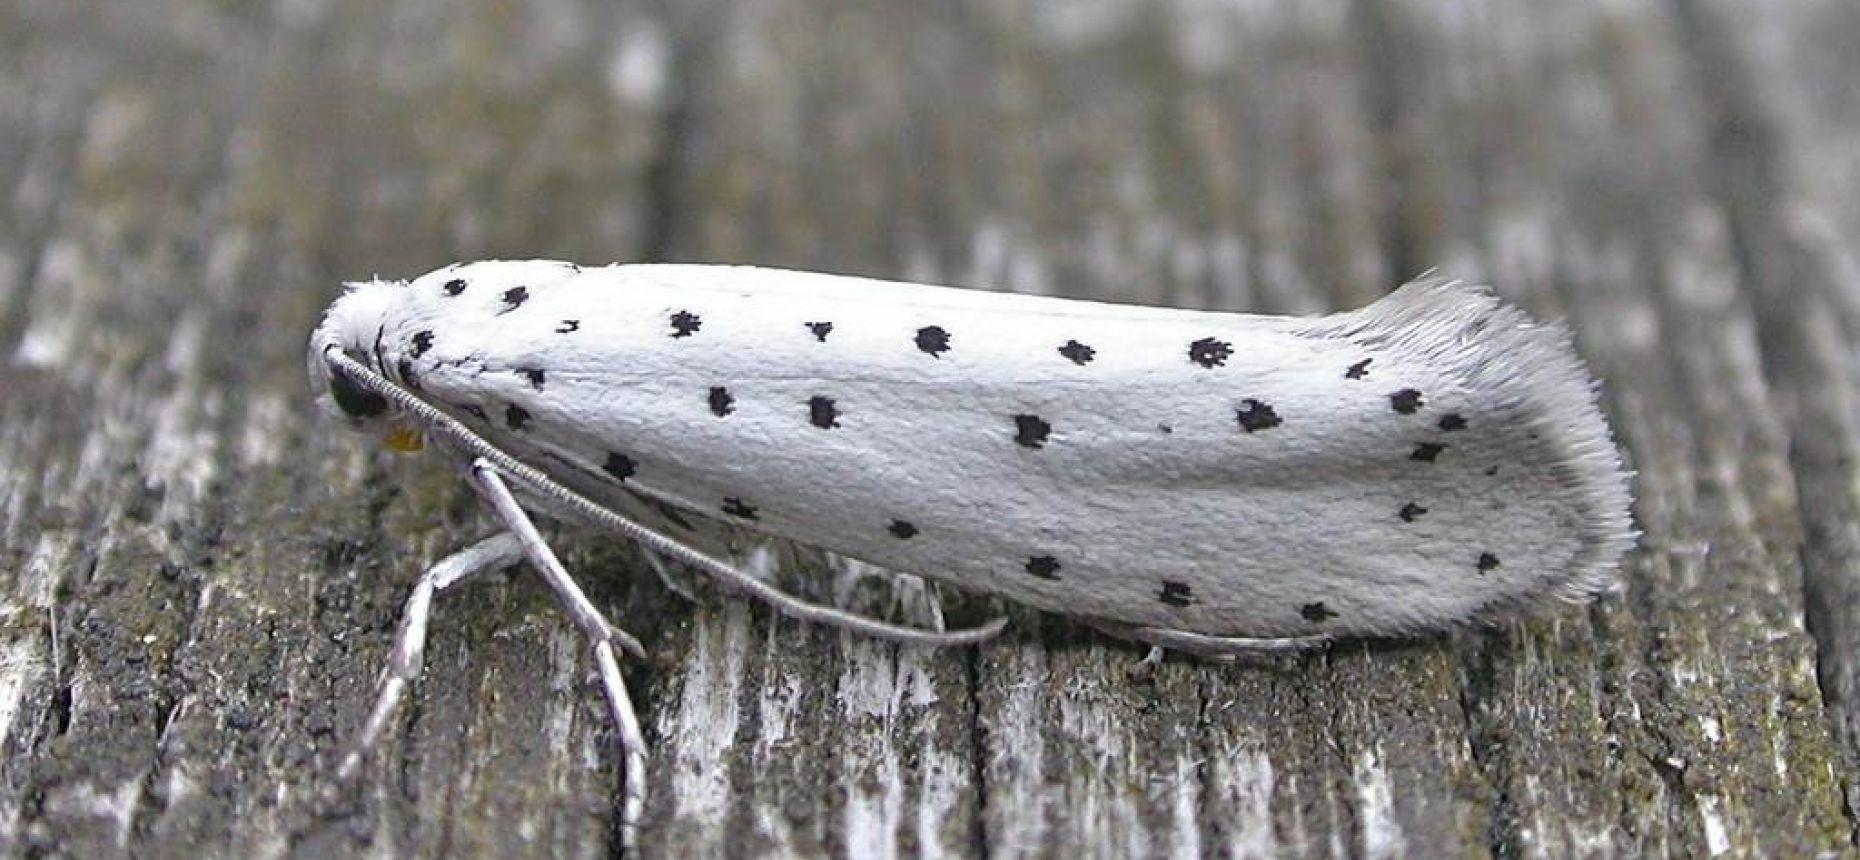 Плодовая горностаевая моль - Yponomeuta padellus L.